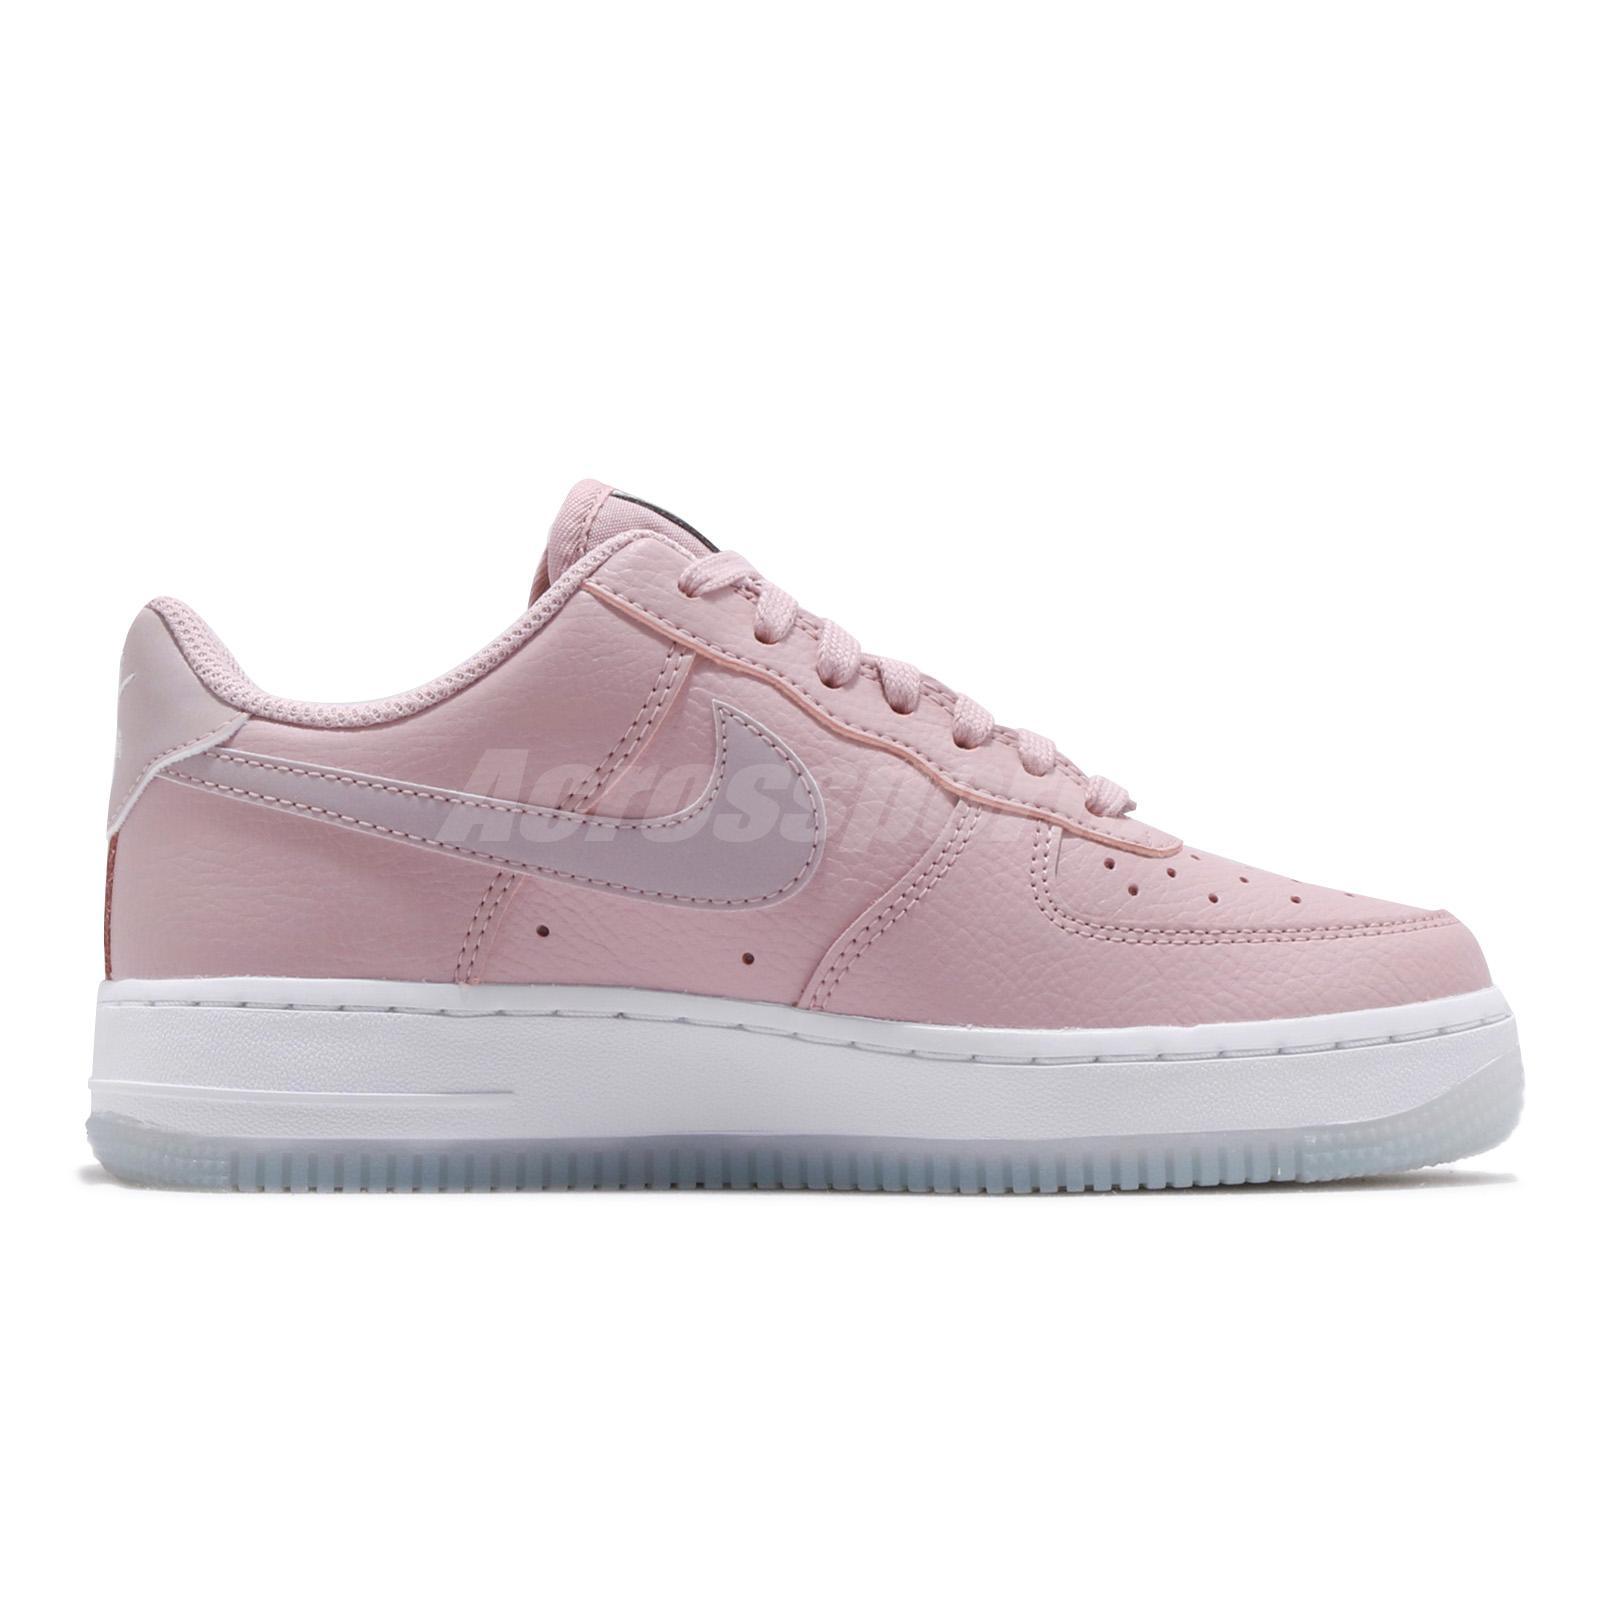 d5ab1dc7782de0 Nike Wmns Air Force 1 07 ESS AF1 Plum Chalk White Women Shoes ...